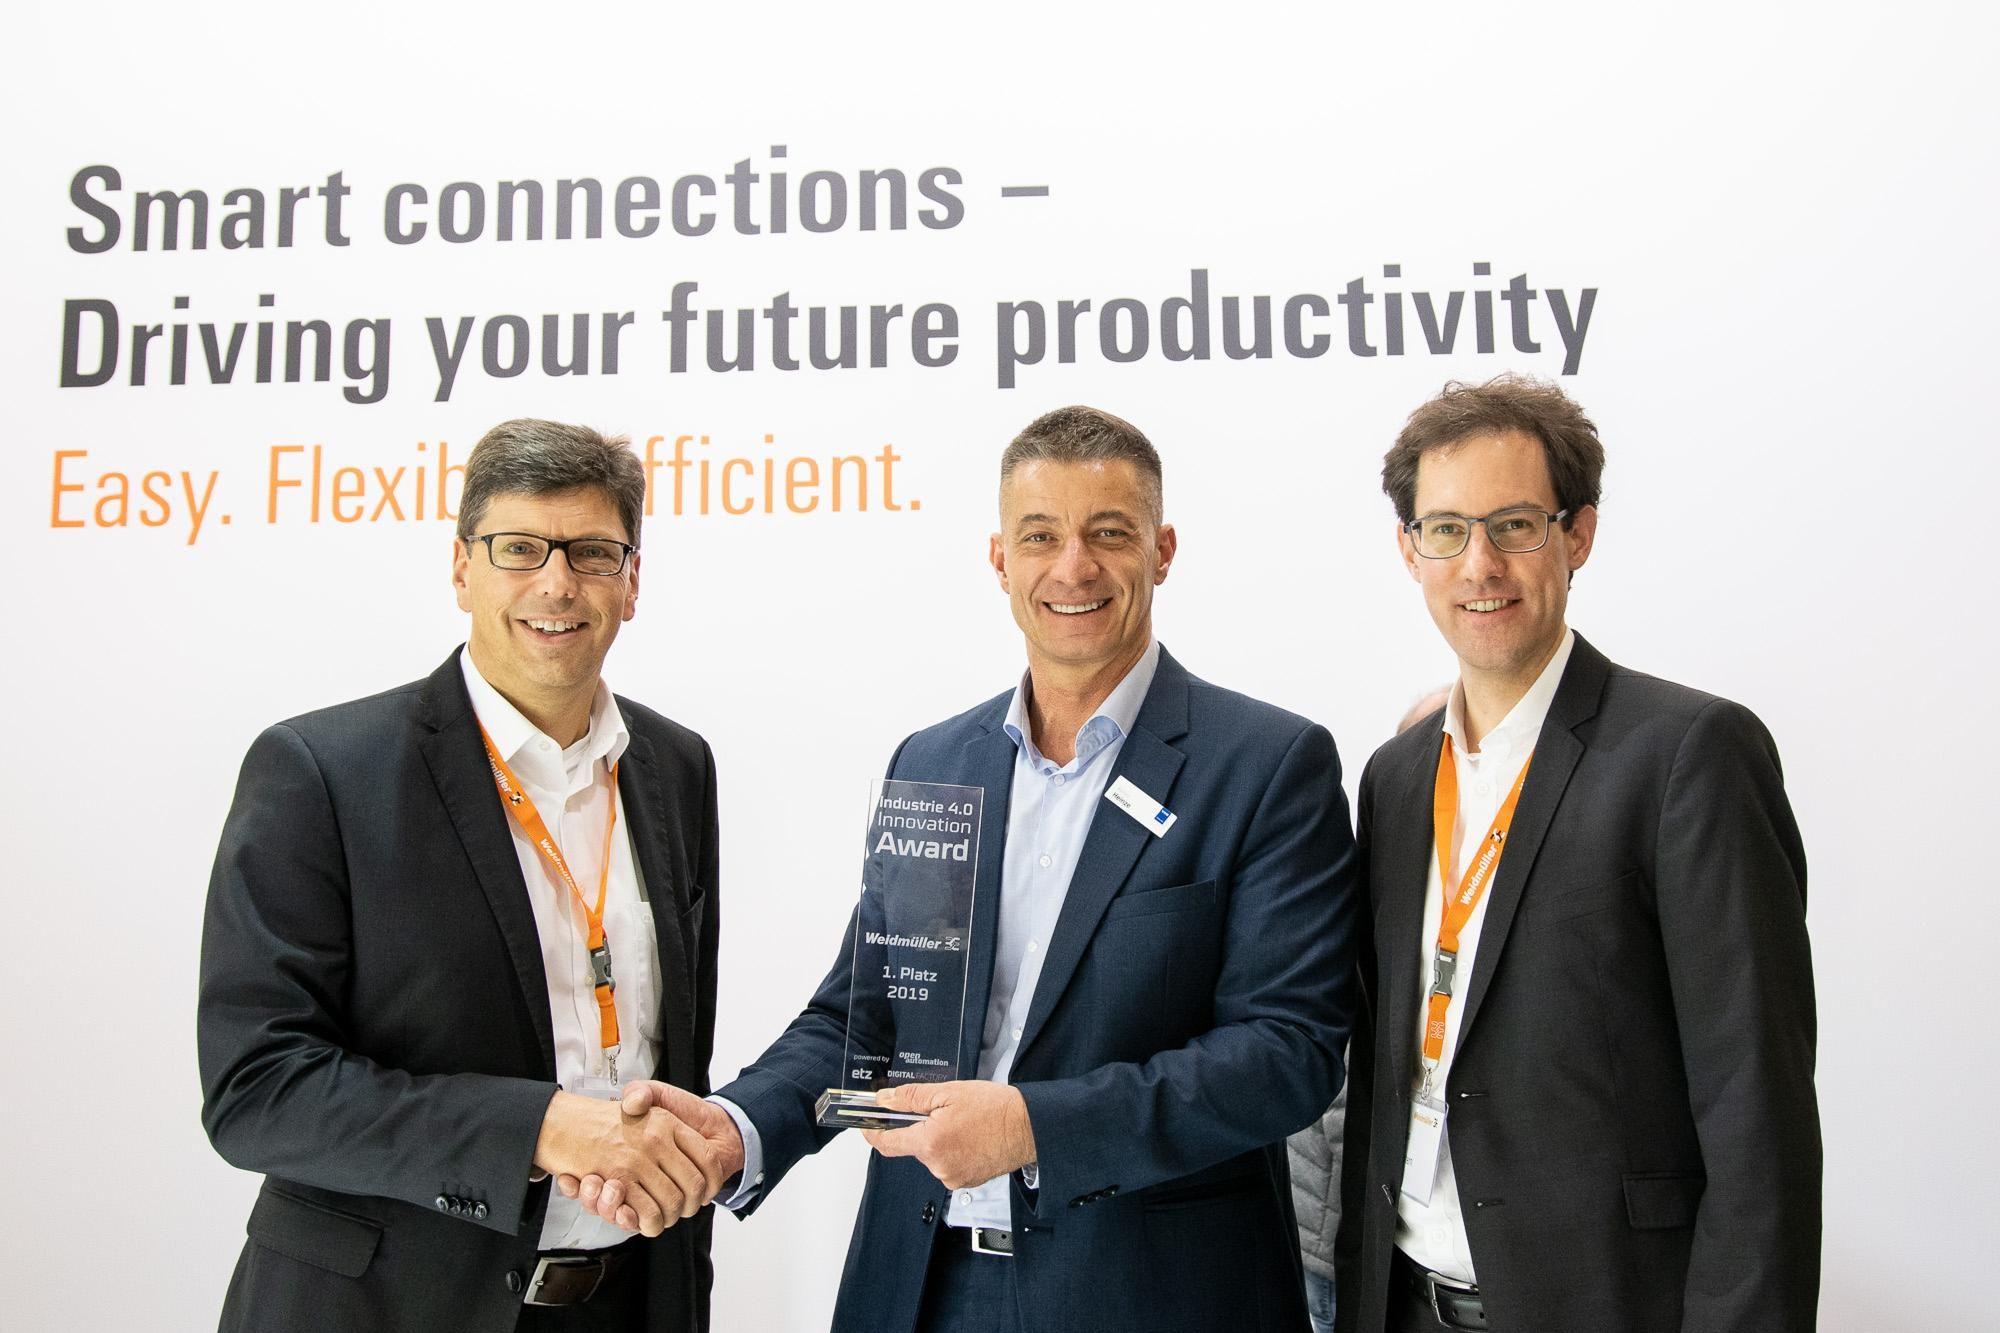 Weidmüller wins Industry 4.0 Innovation Award